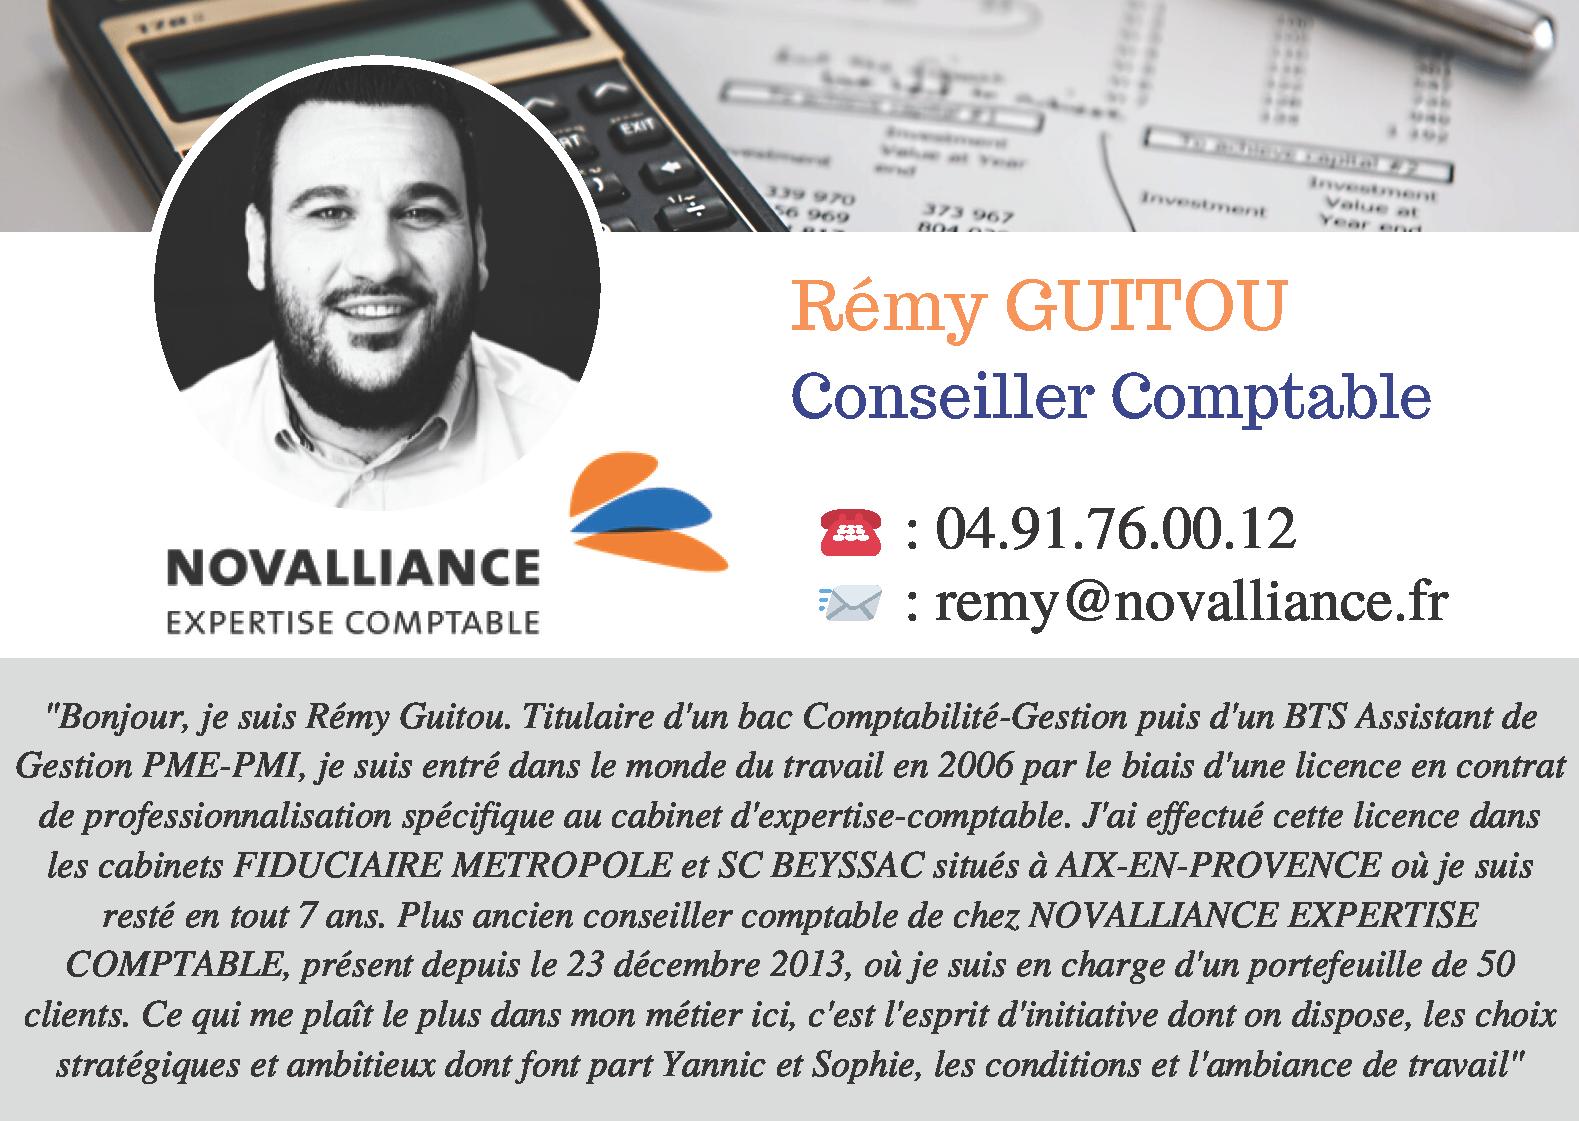 Fiche Conseiller Comptable Remy GUITOU